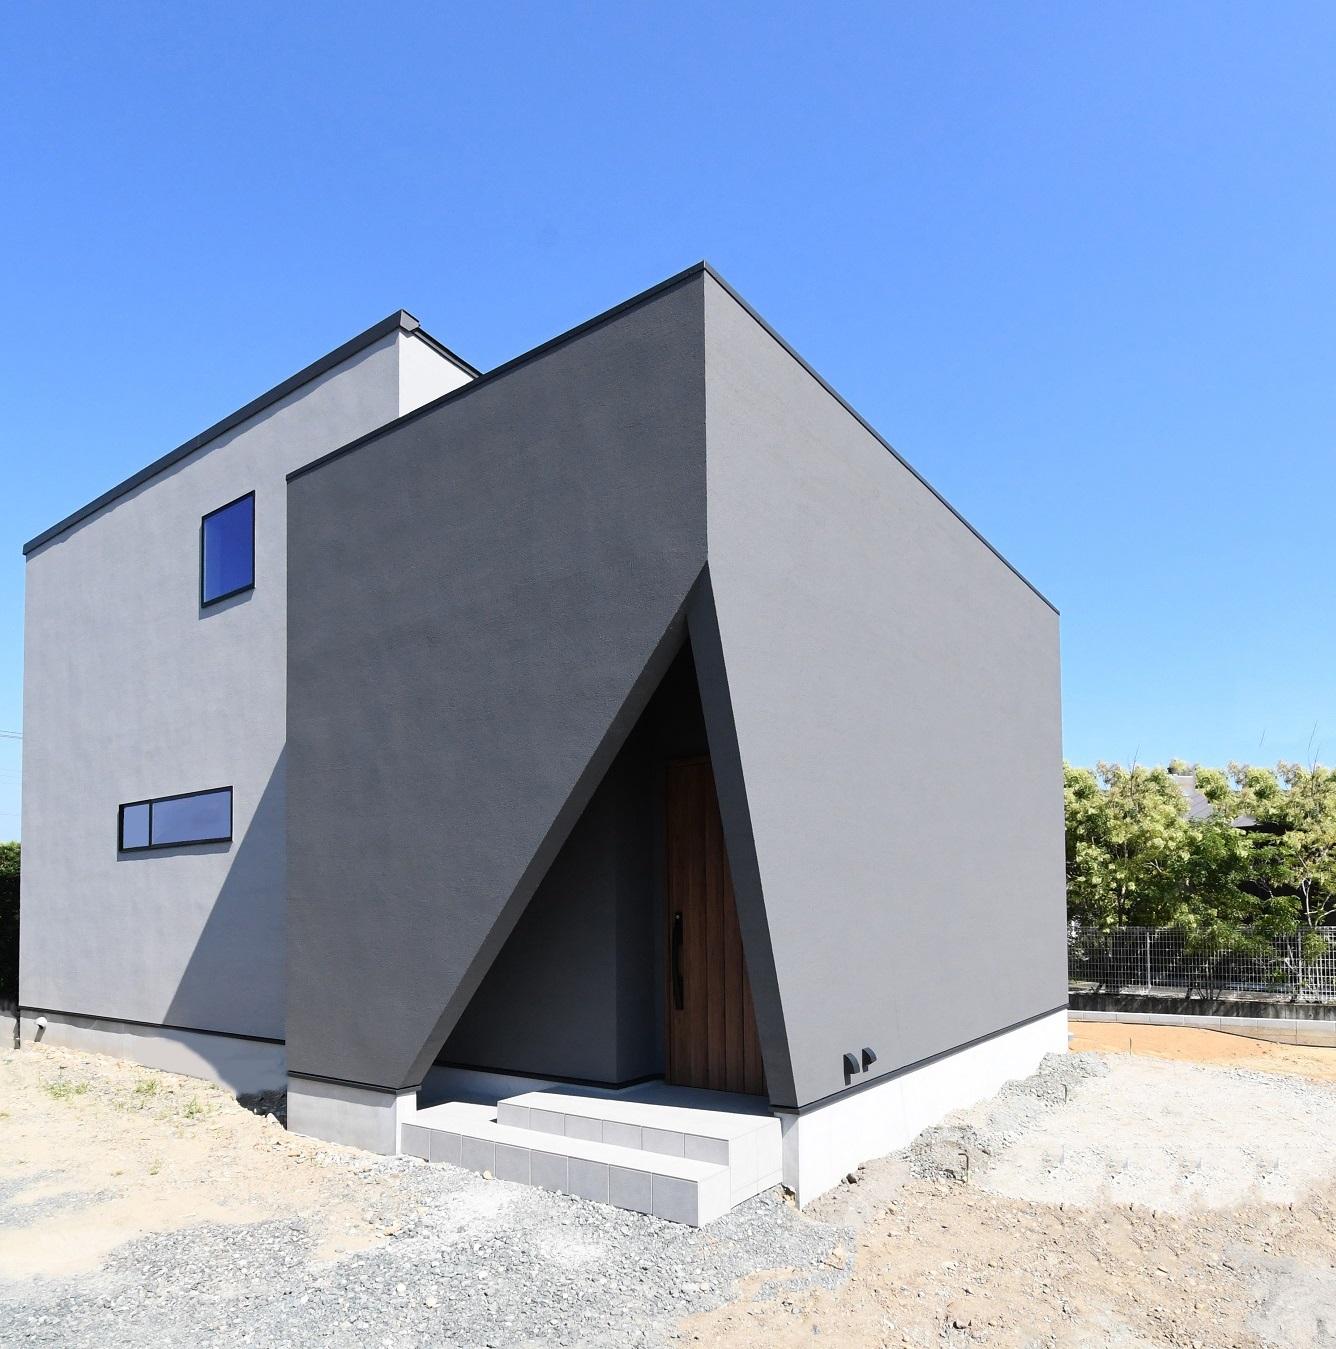 完成現場見学会開催中!『光がとおり抜けるデザインと暮らしの家』